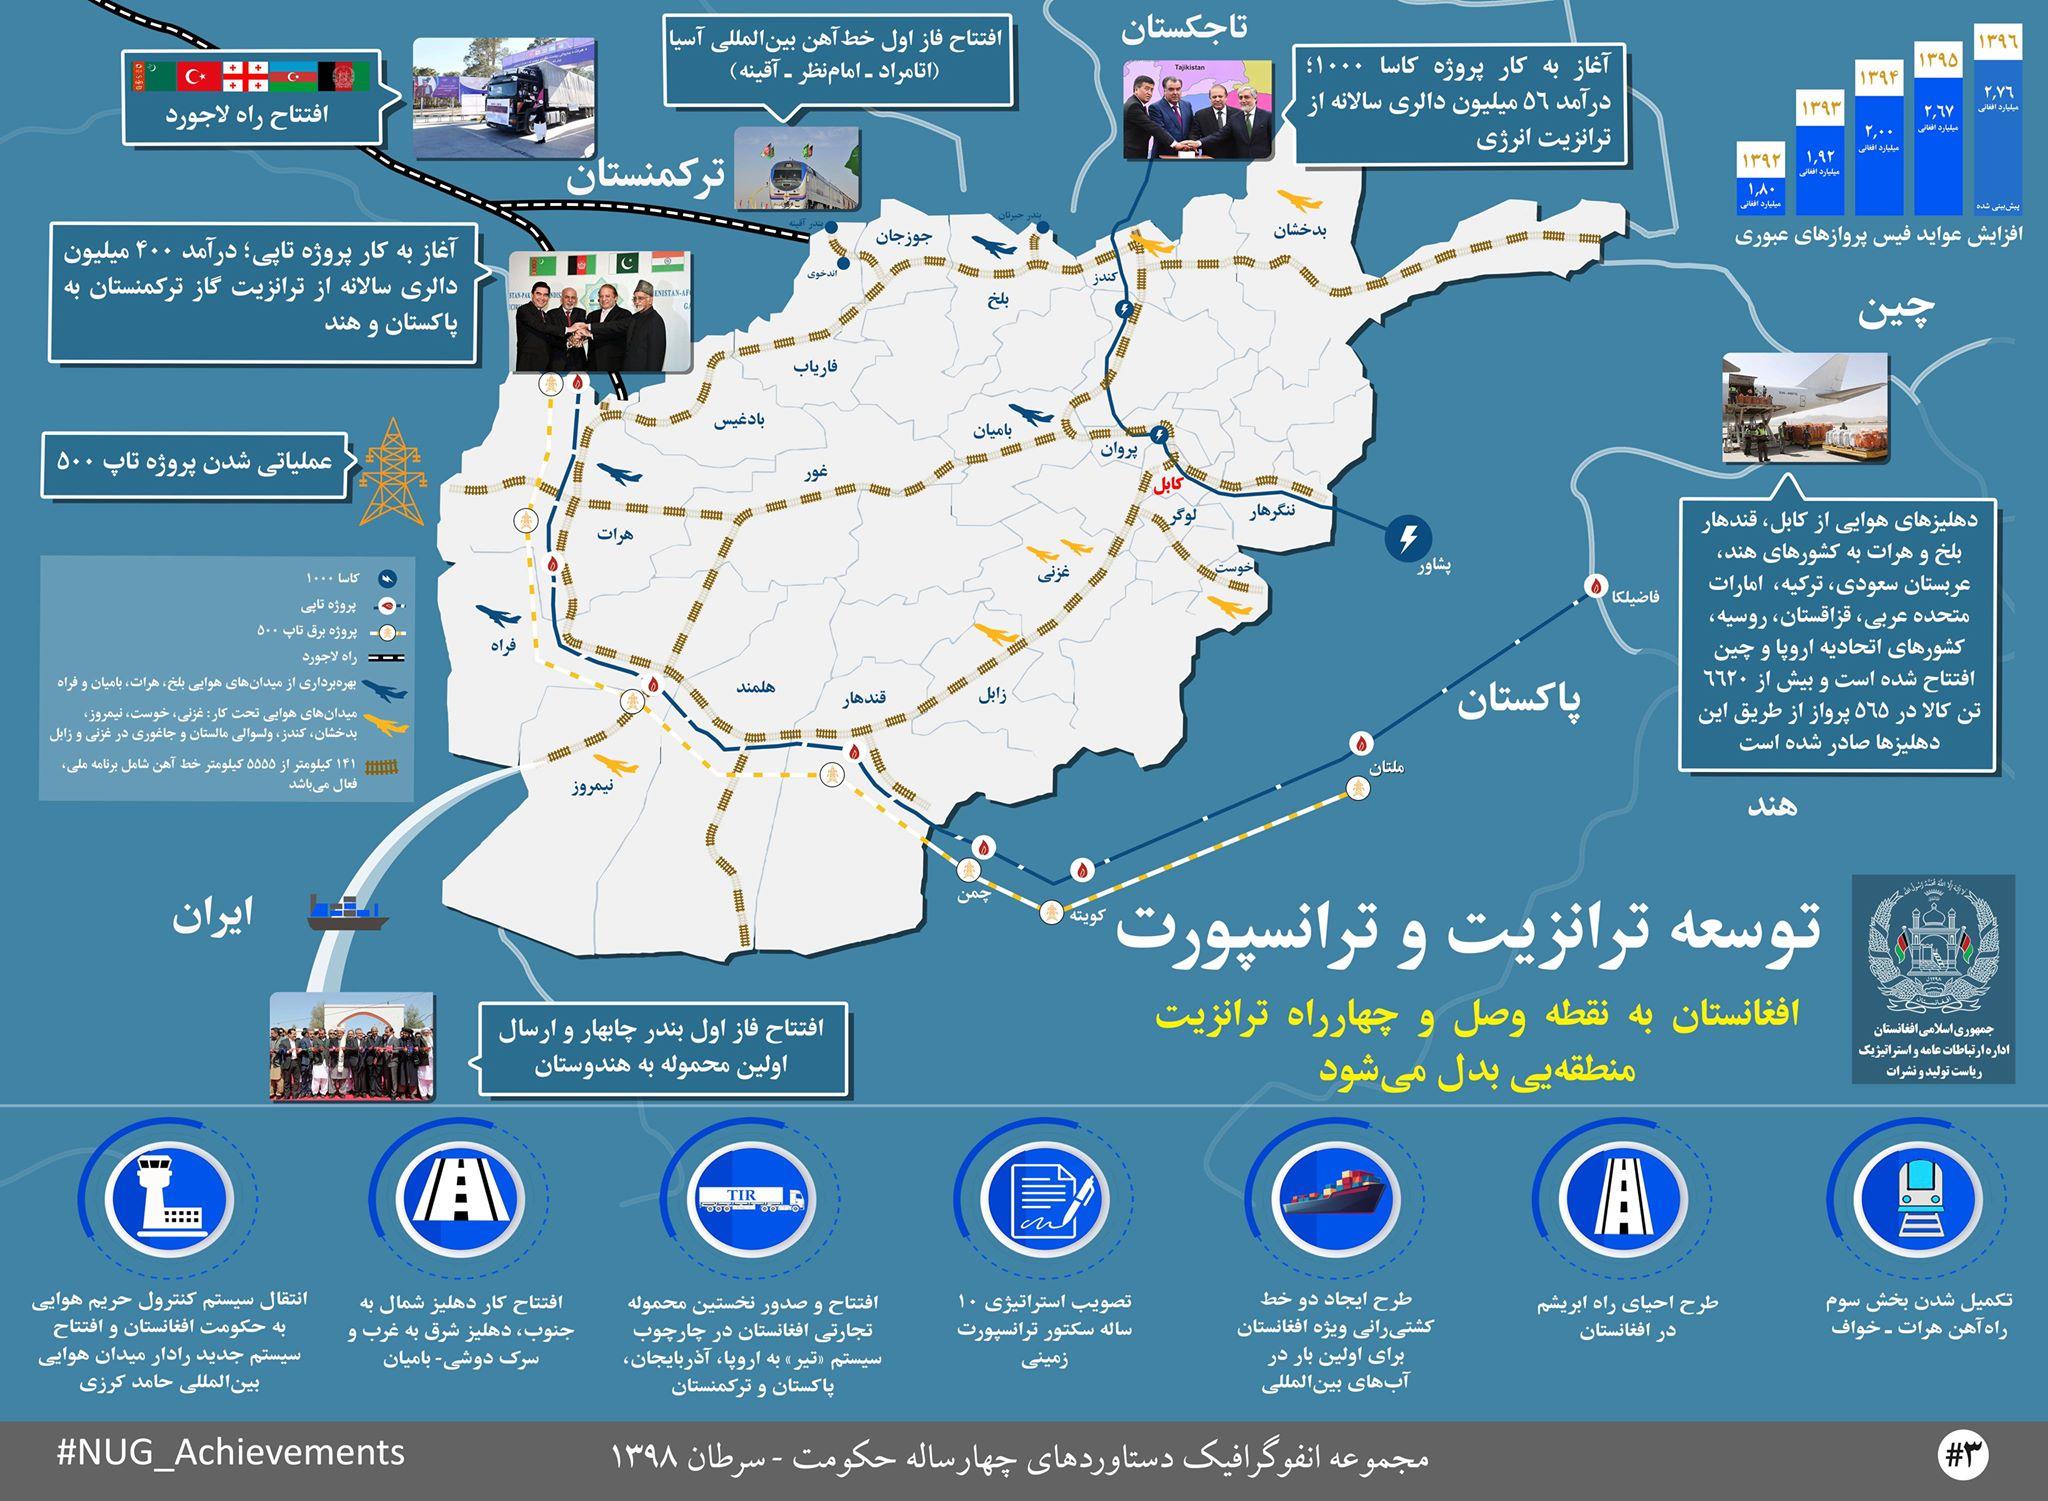 دستاوردهای حکومت وحدت ملی در عرصۀ توسعۀ ترانزیت و ترانسپورت